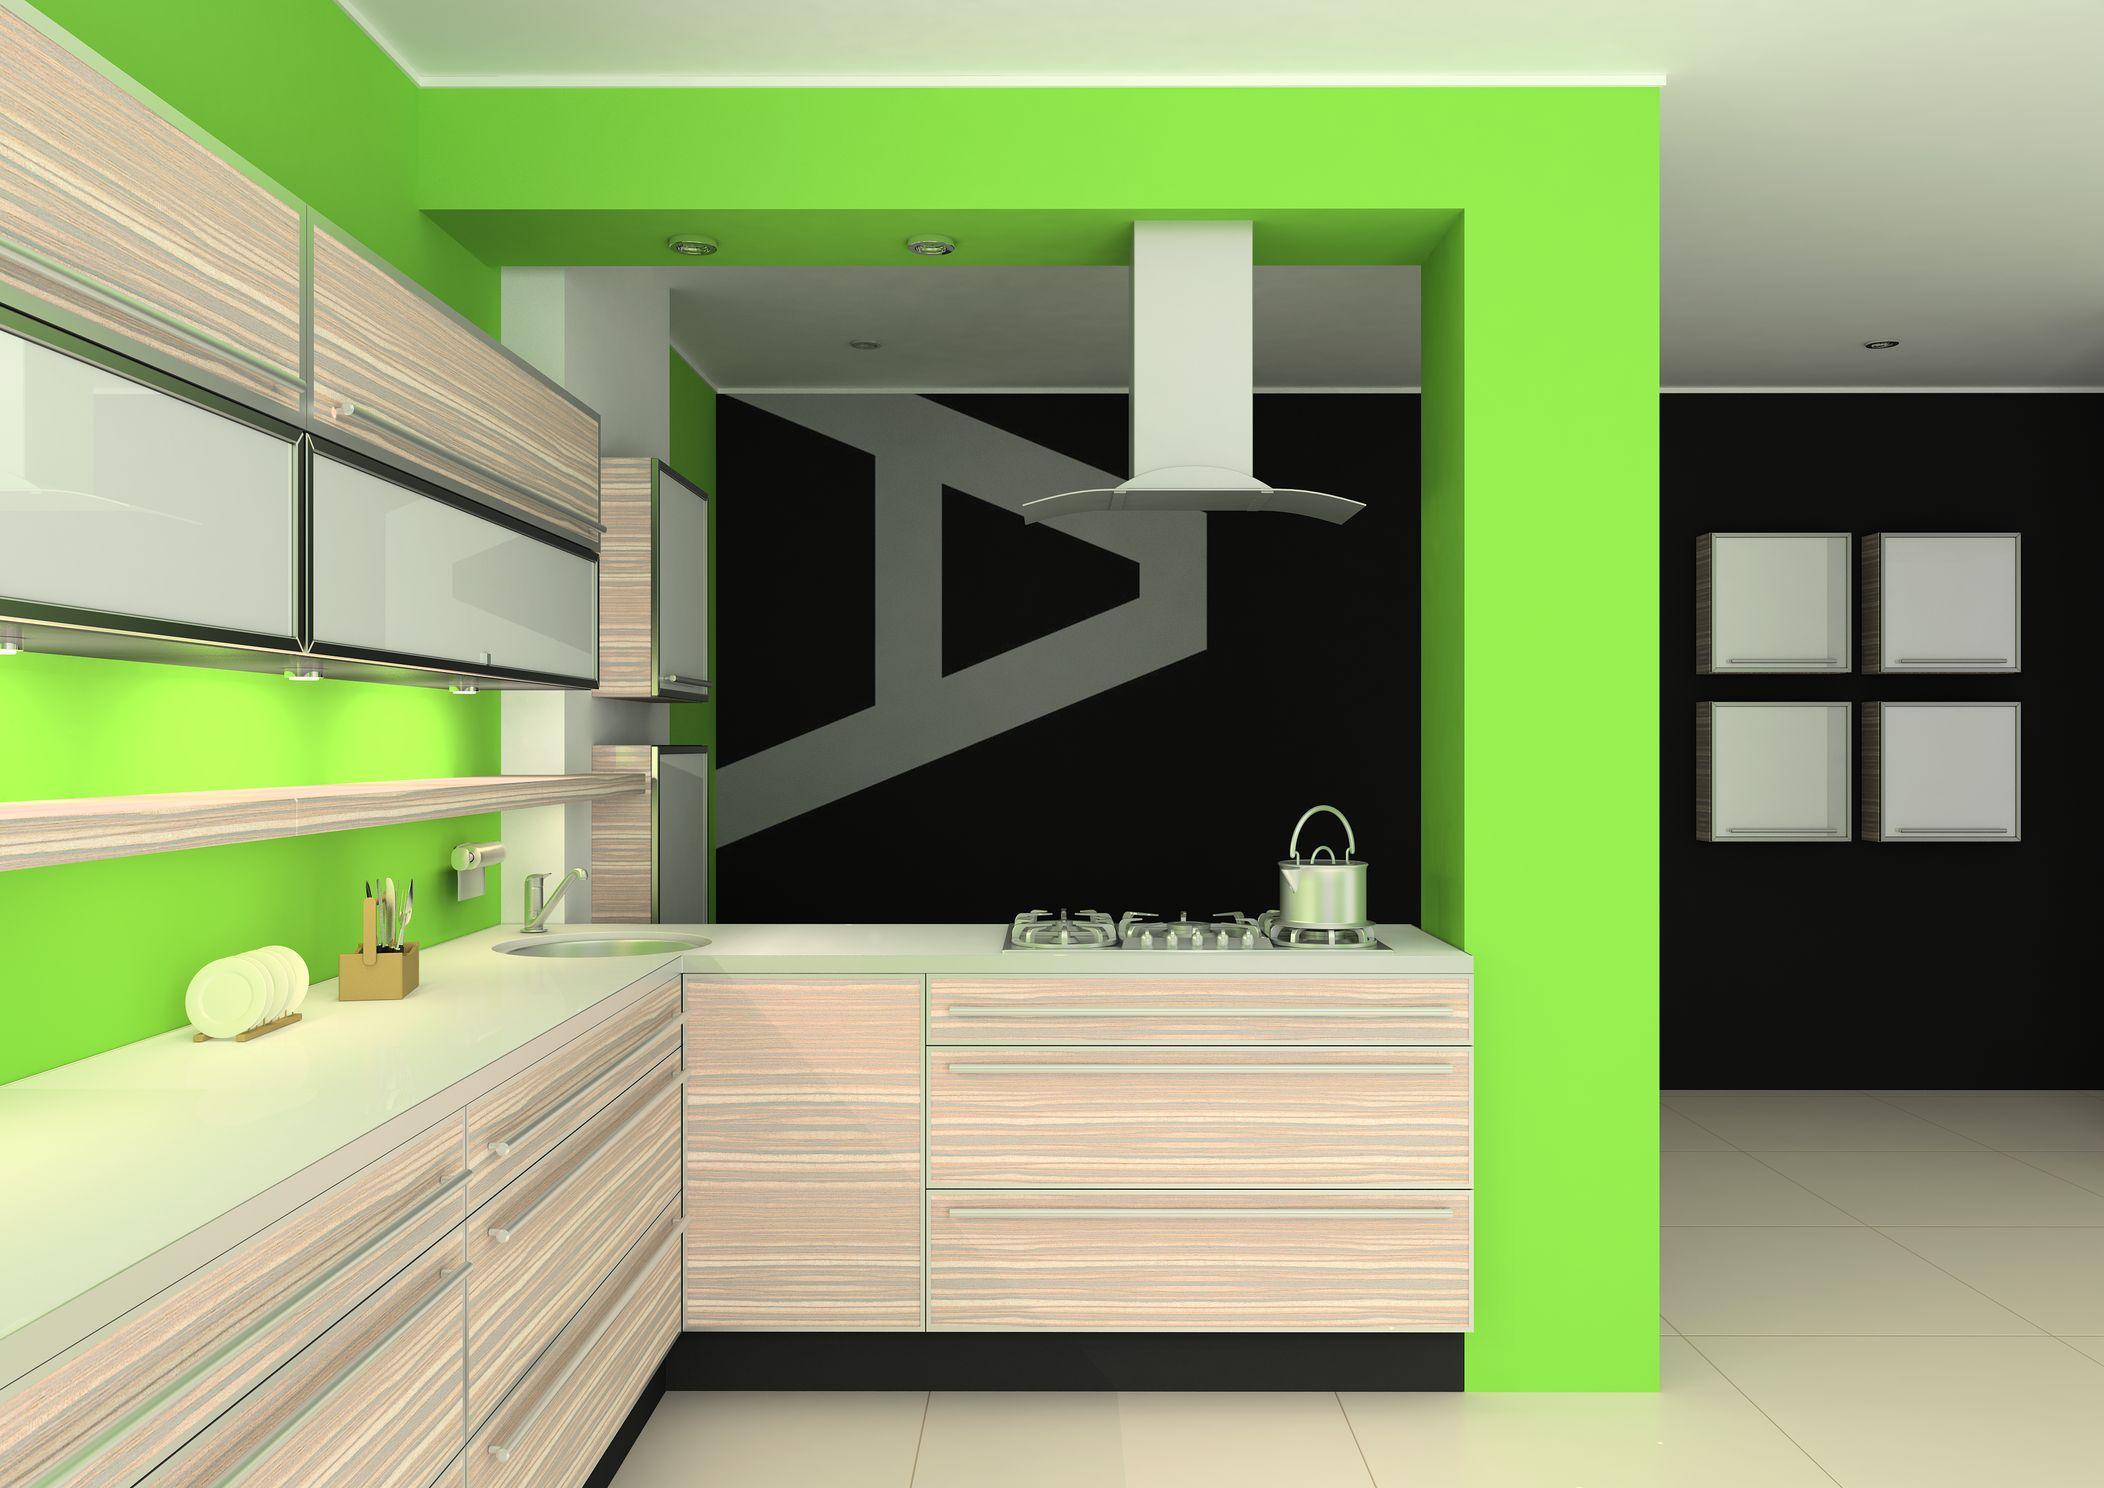 Facade-003 - студия декора и мебели сергея ленкова lenkovser.